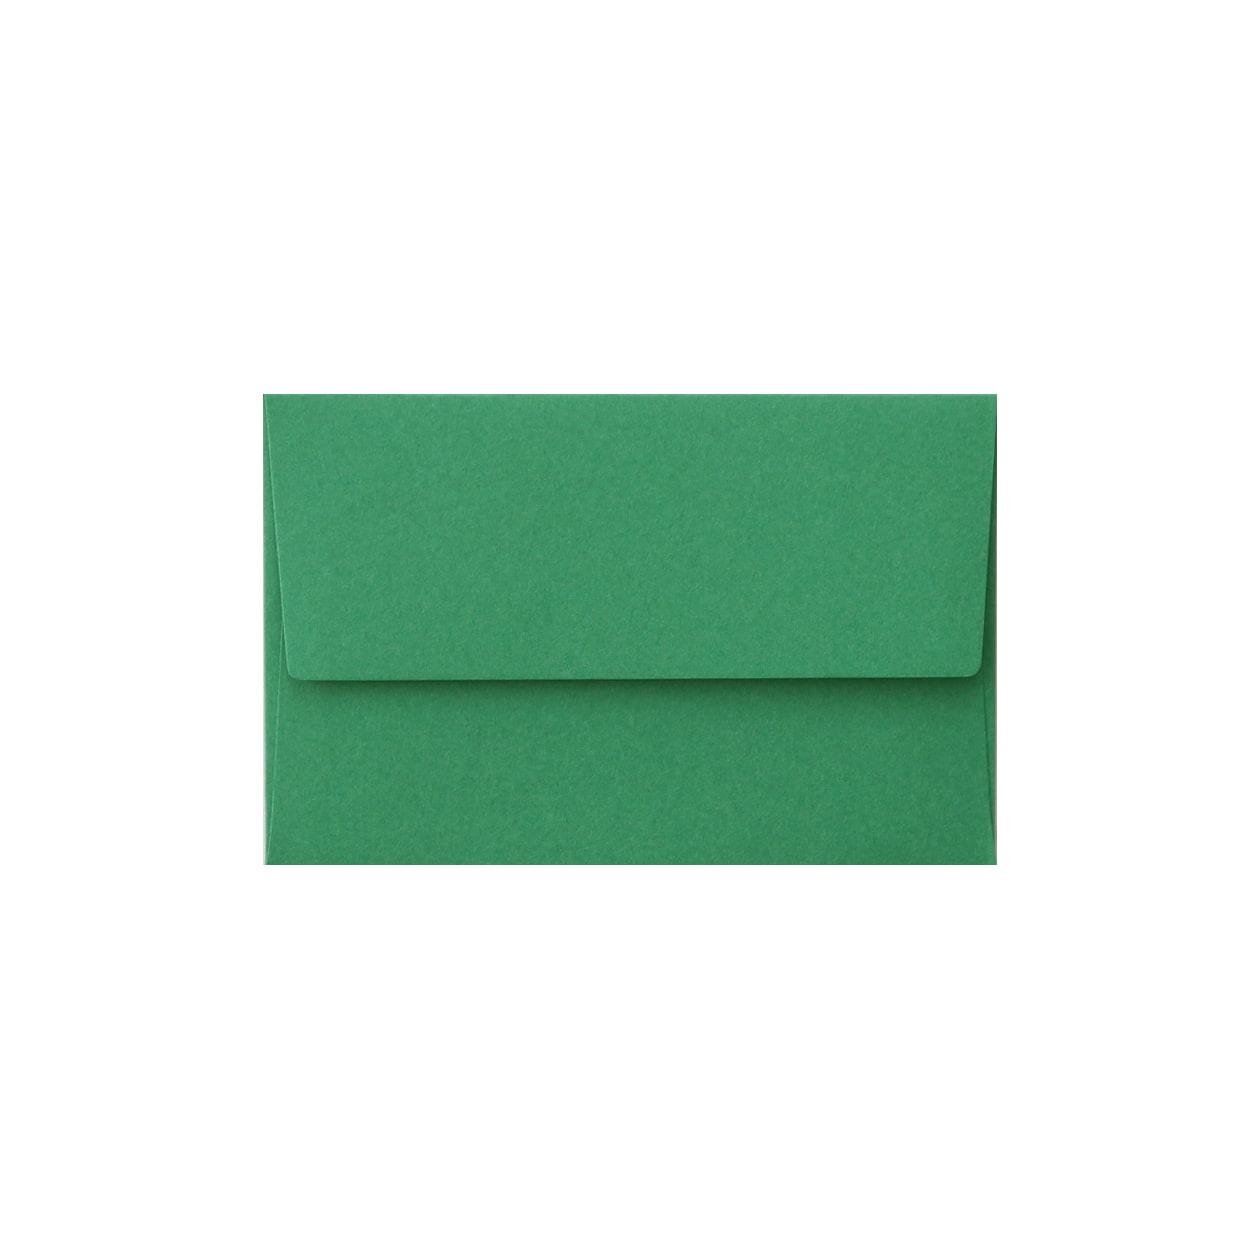 NEカマス封筒 コットン(NTラシャ) 緑 116.3g